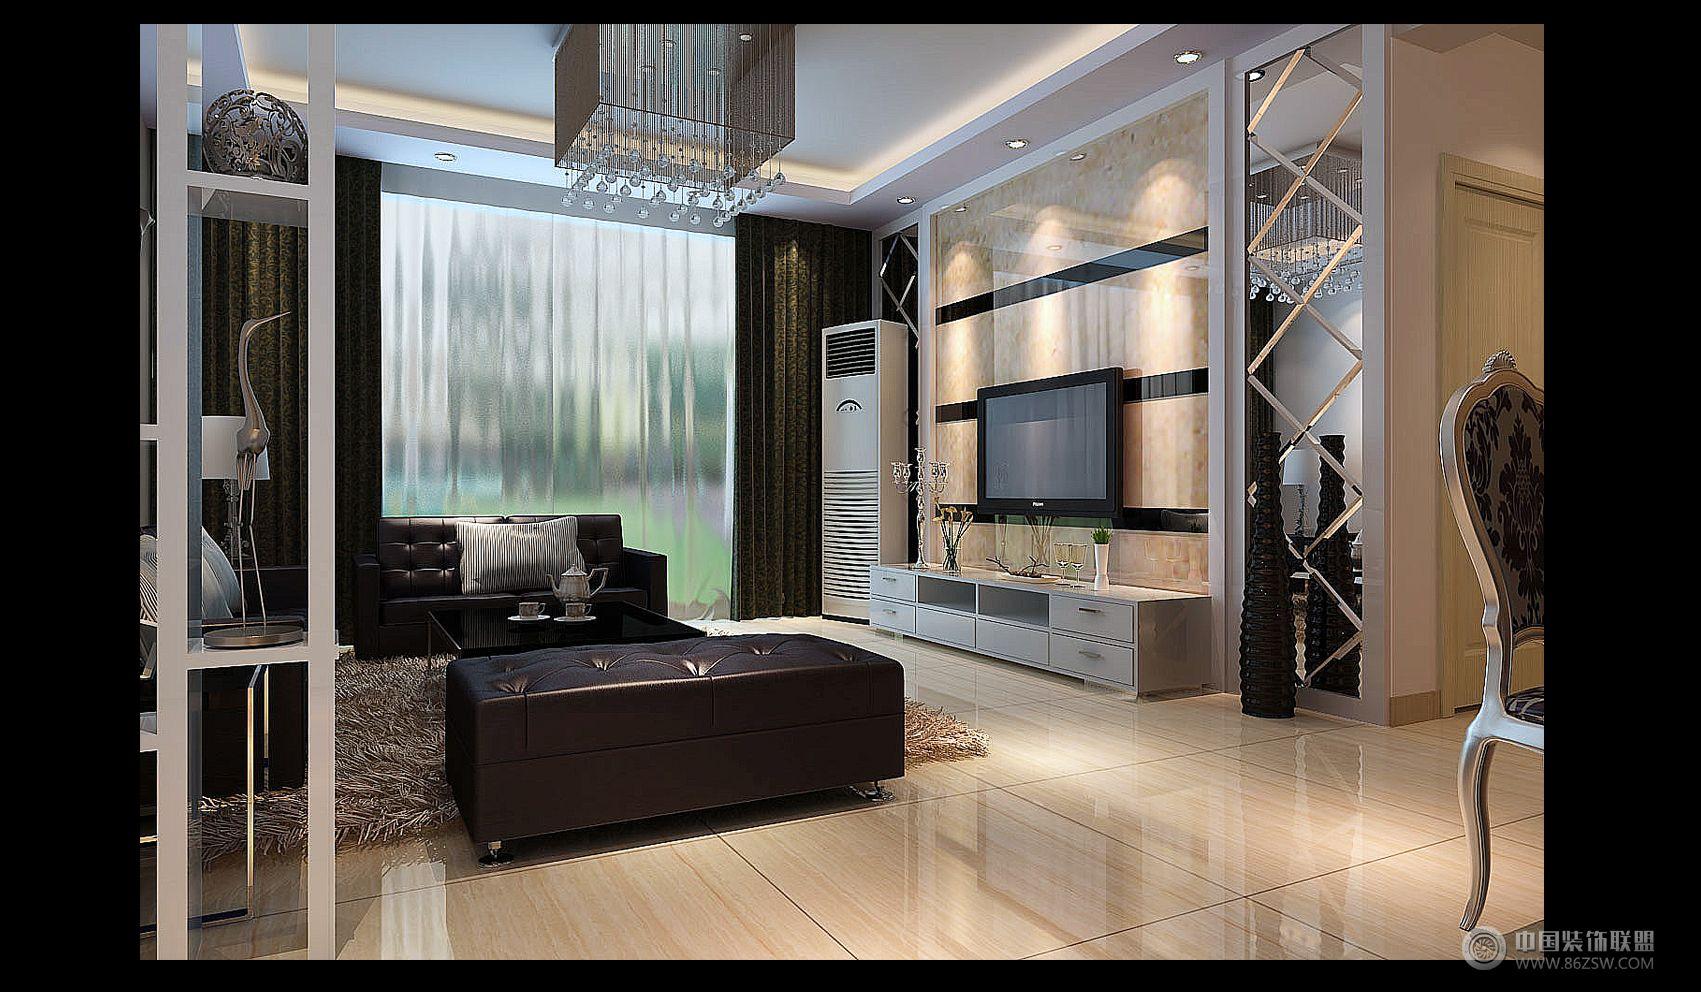 中房胜利小区-客厅装修效果图-八六(中国)装饰联盟